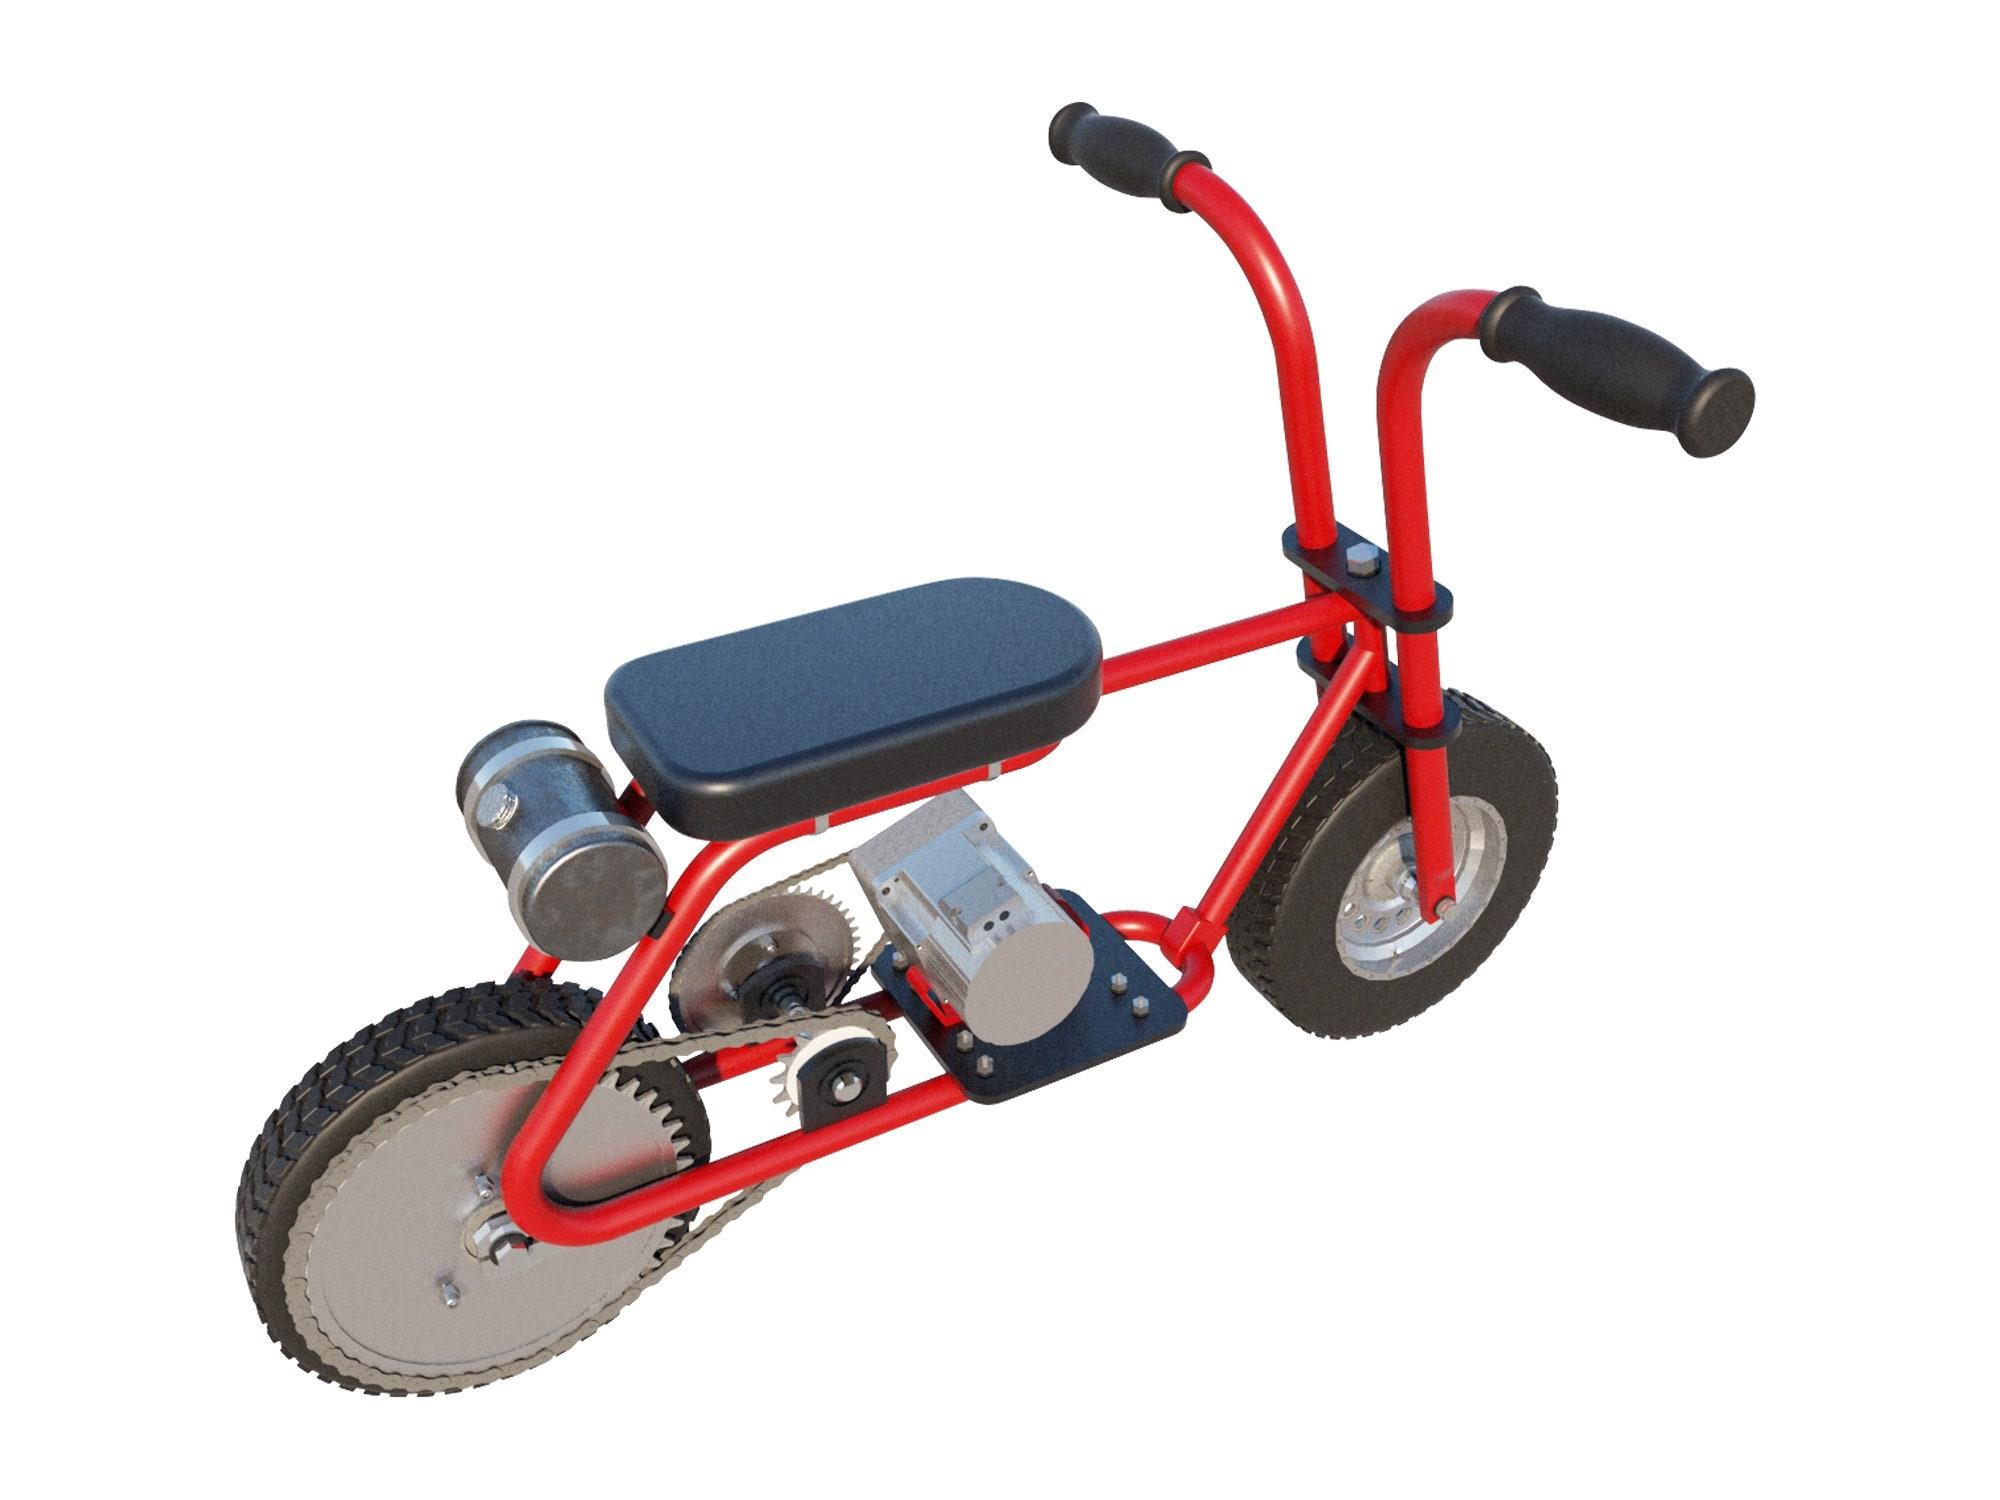 pocket mini bike plans diy motorbike gas electric motor. Black Bedroom Furniture Sets. Home Design Ideas